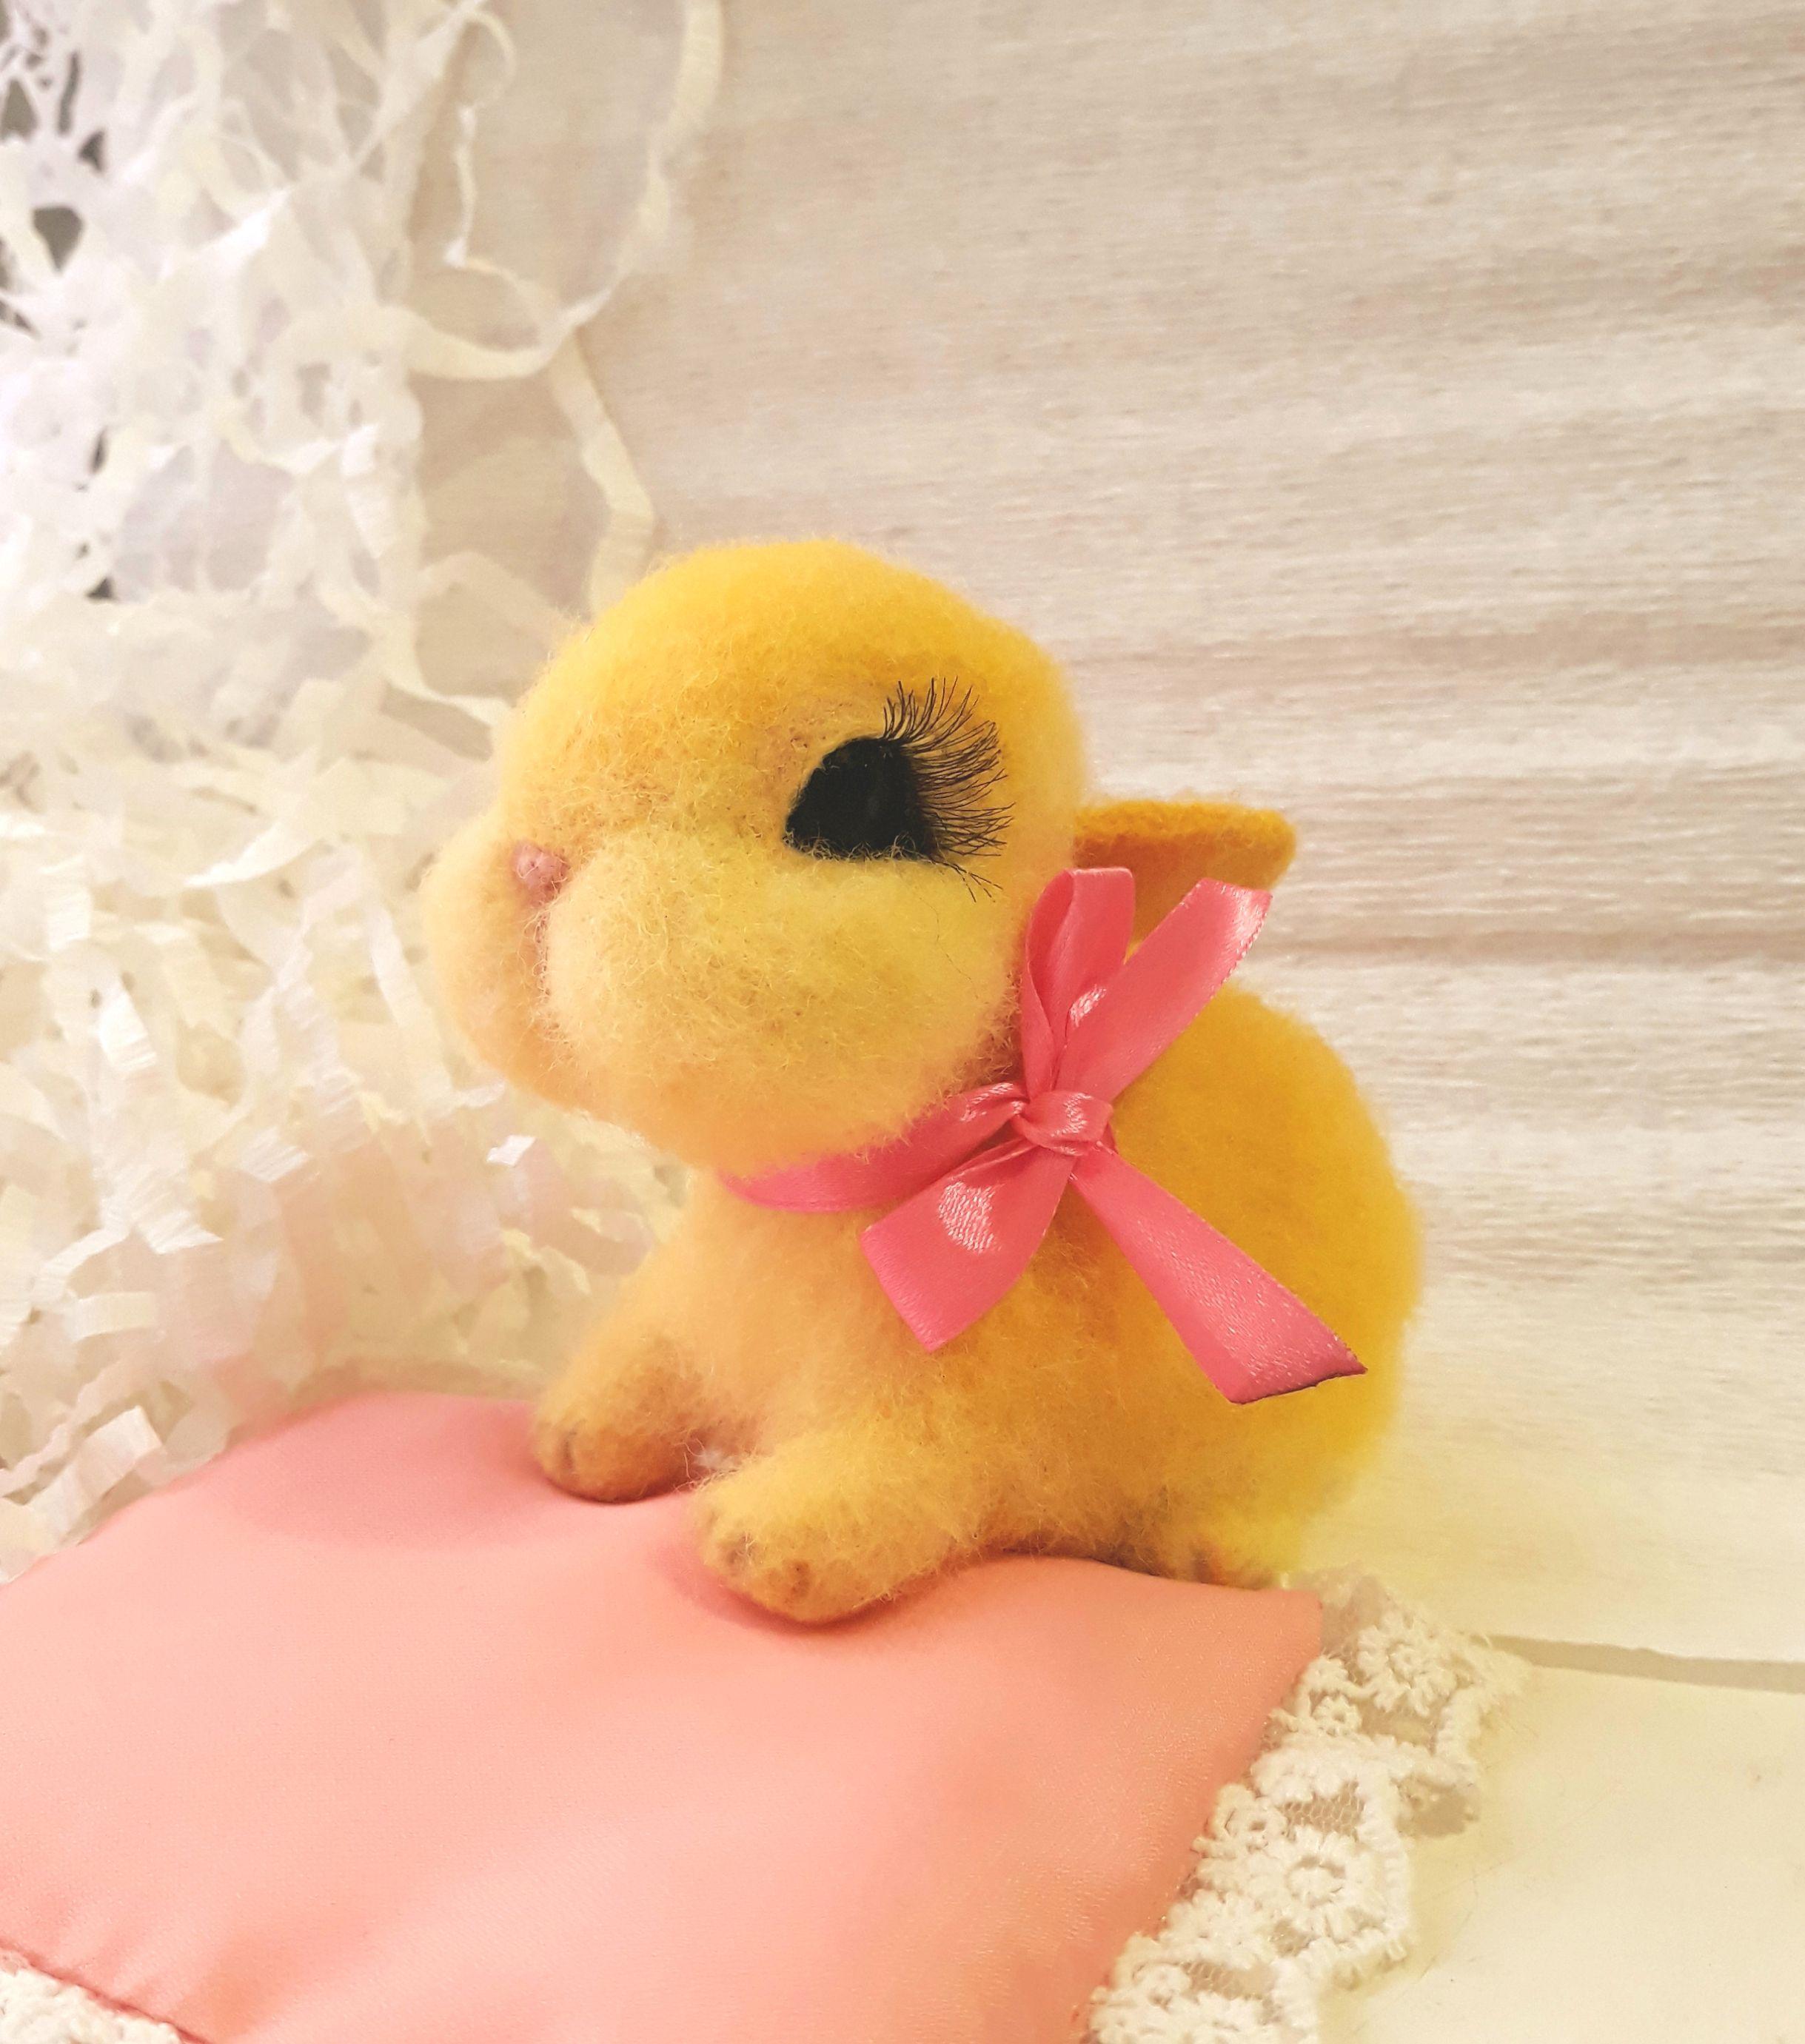 валяние игрушки пасхальный кролик фото этого, шторы